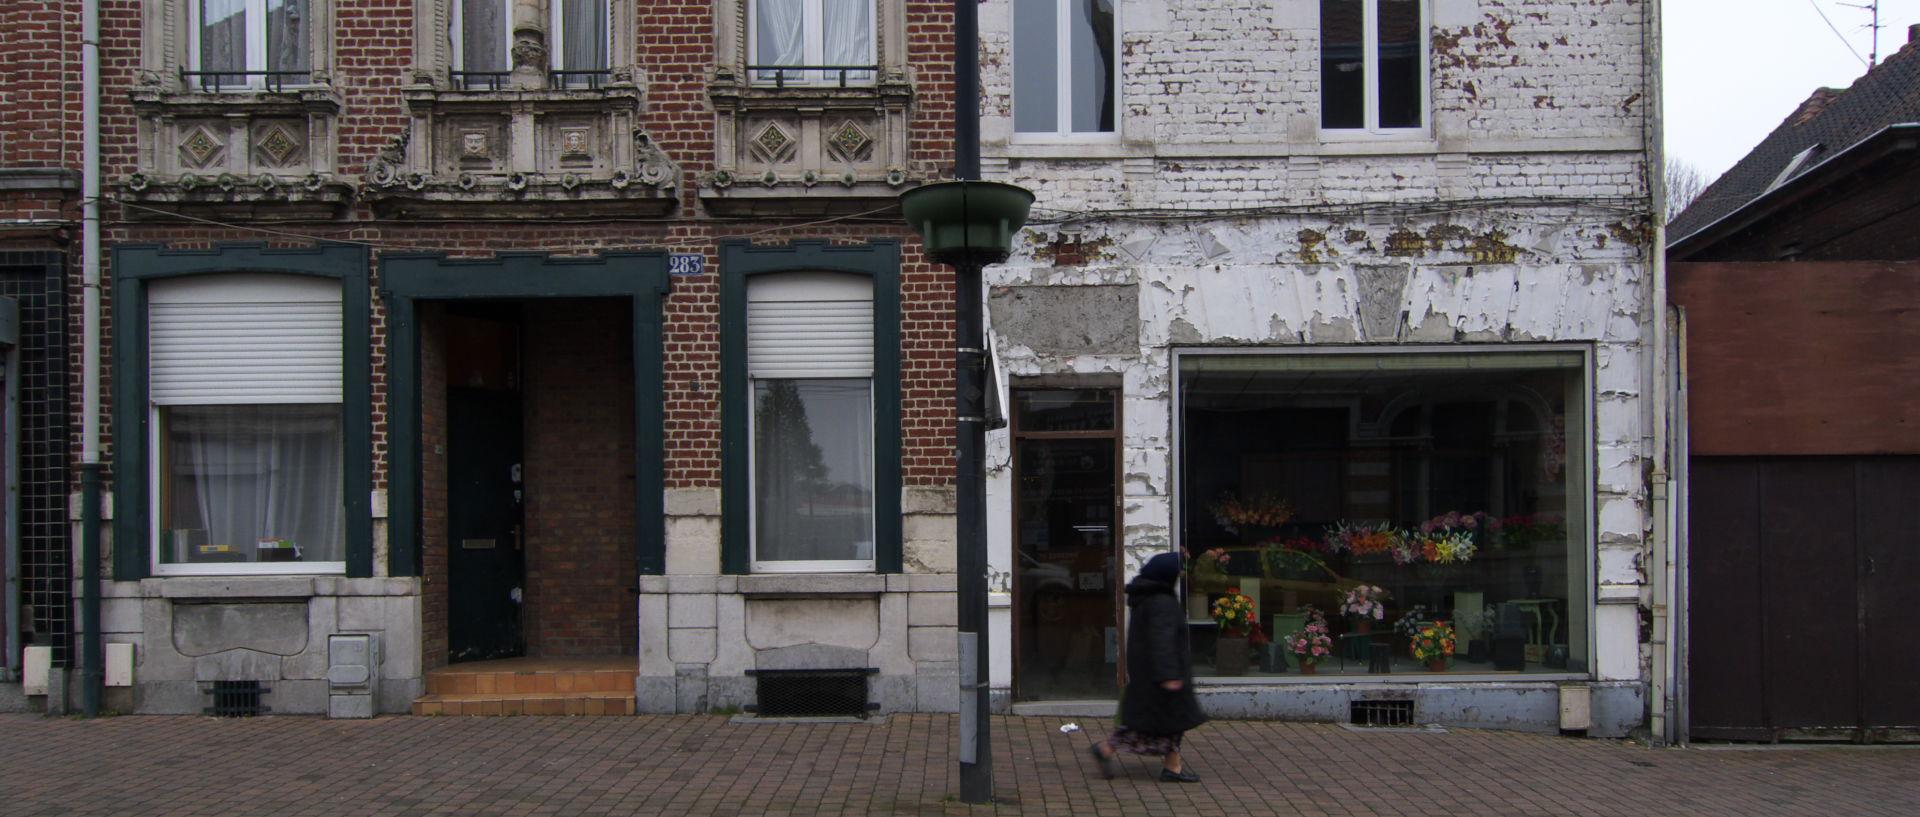 Foyer Grand Rue Roubaix : Le photojournal de jean miaille en février